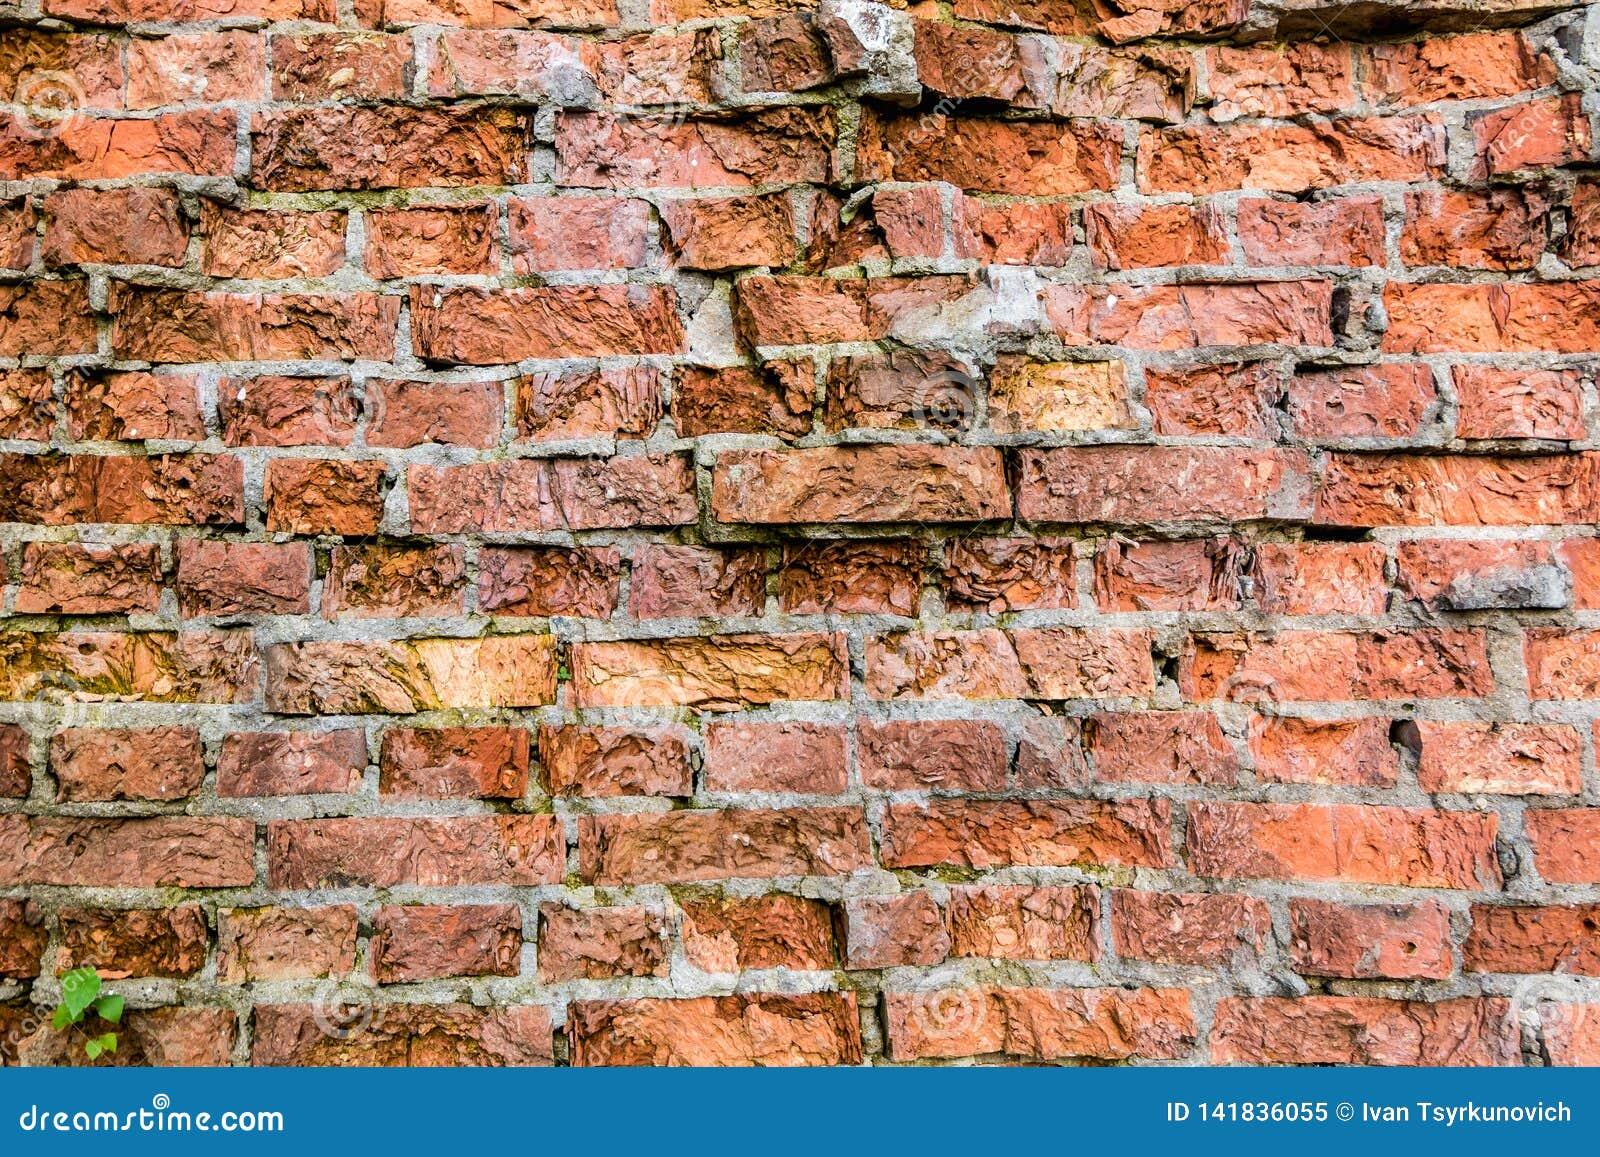 Vieux grenier cassé léger de texture de décoration de modèle de mur de briques intérieur ou extérieur